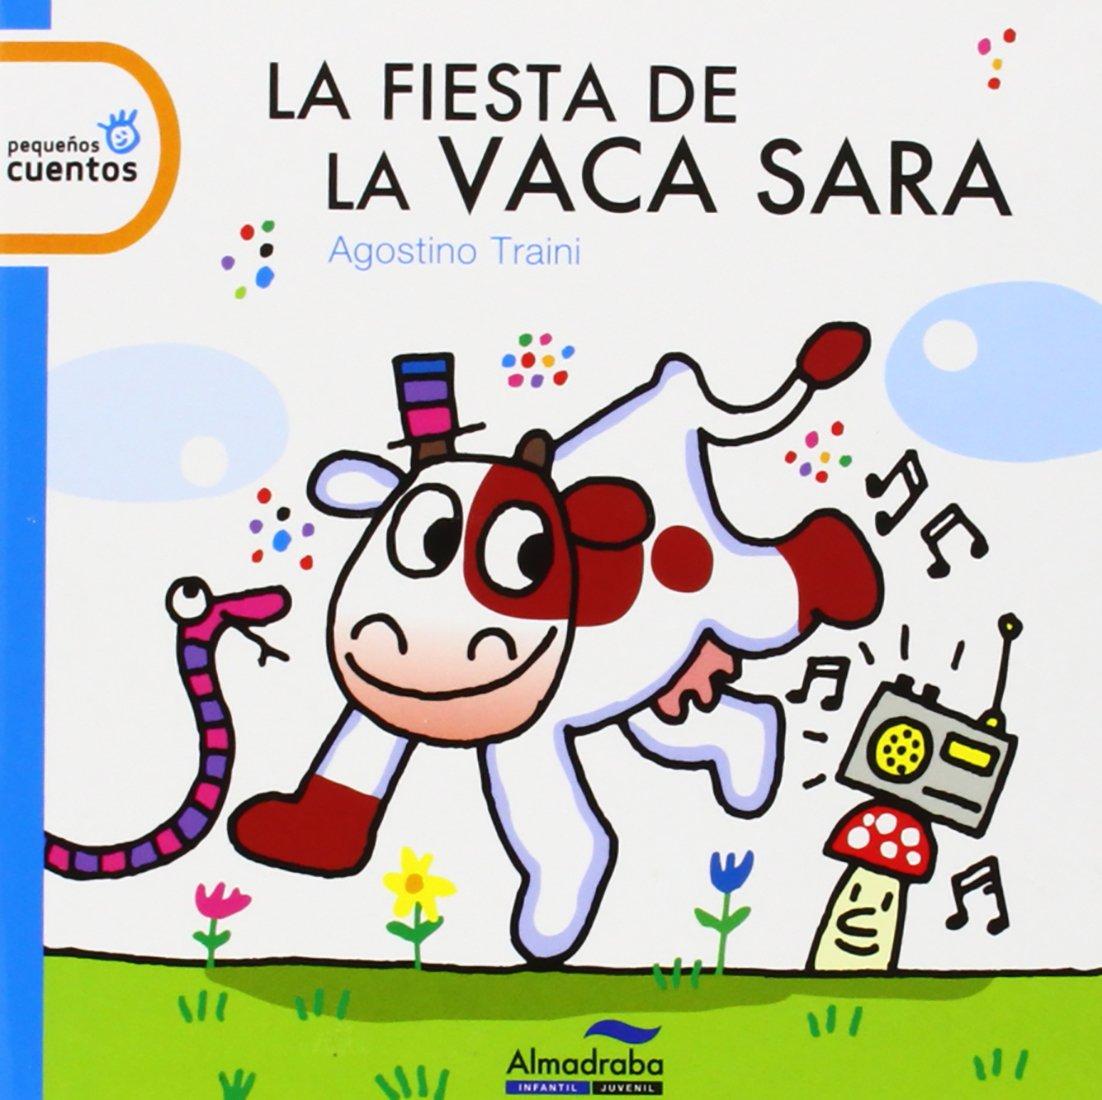 Fiesta de la vaca Sara (pequeños cuentos) - lp: Amazon.es: Traini, Agostino, Traini, Agostino, Serra, Teresa: Libros